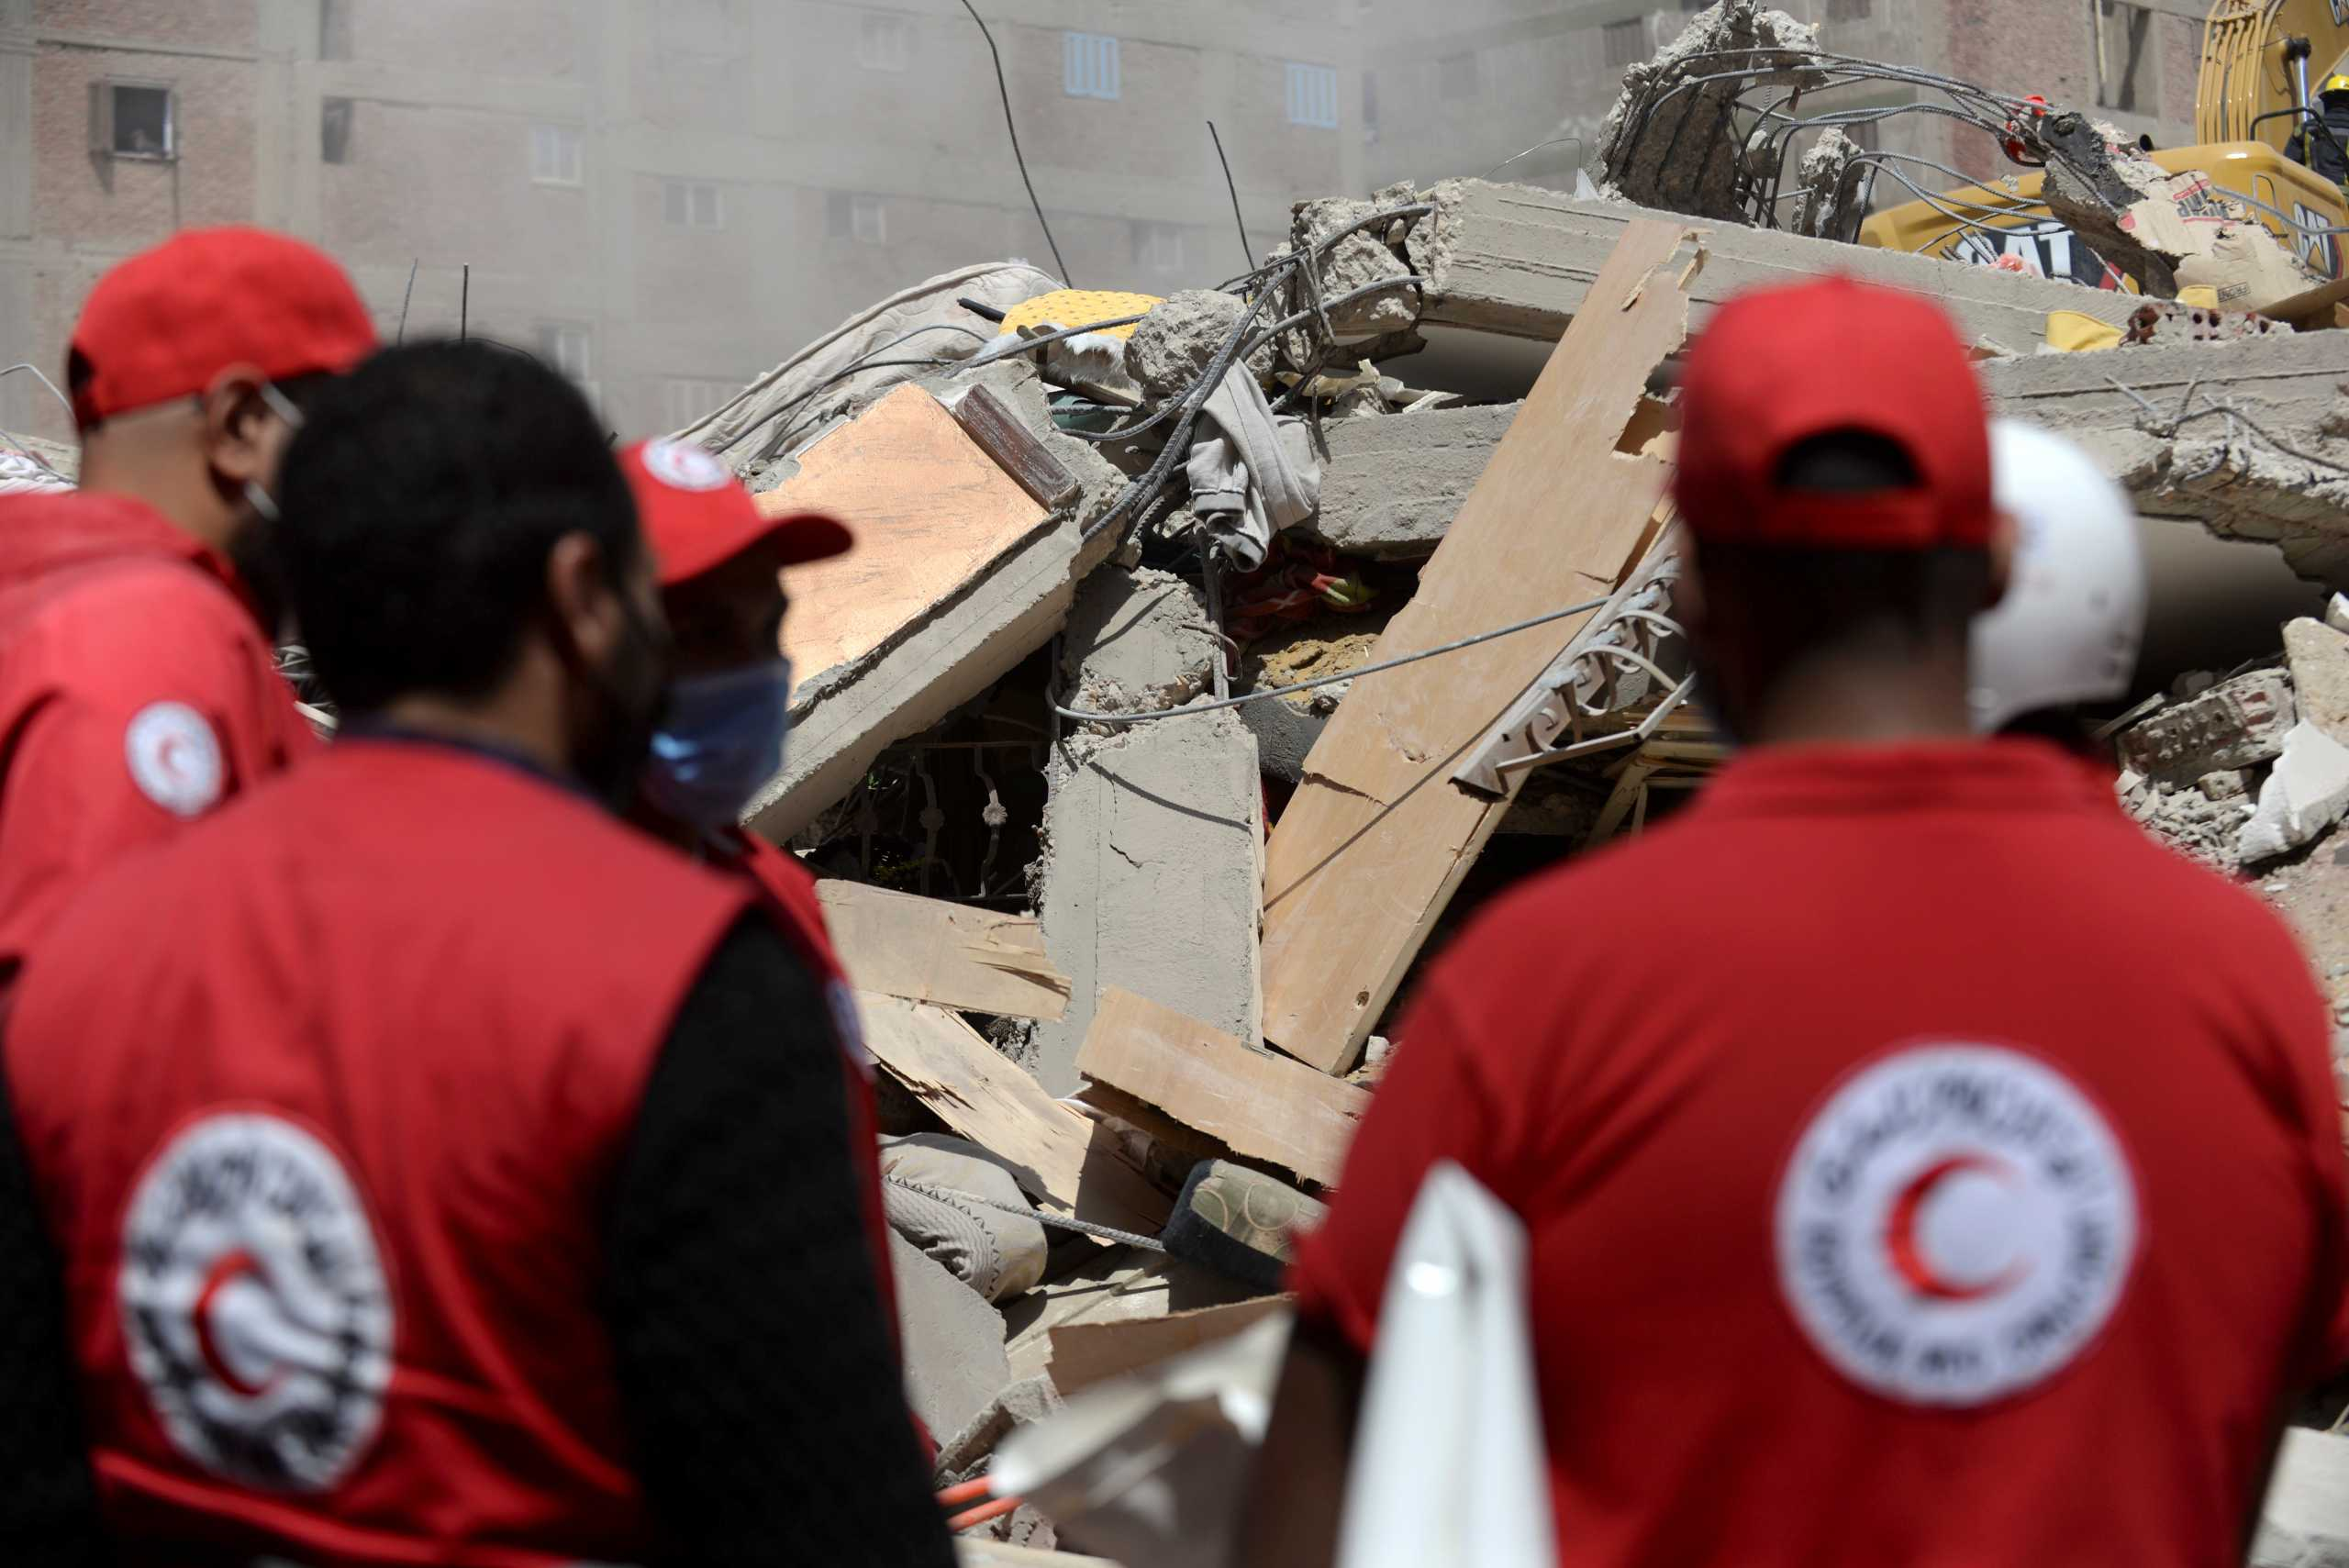 Κάιρο: Στους 25 οι νεκροί από την κατάρρευση της δεκαώροφης πολυκατοικίας (pics)